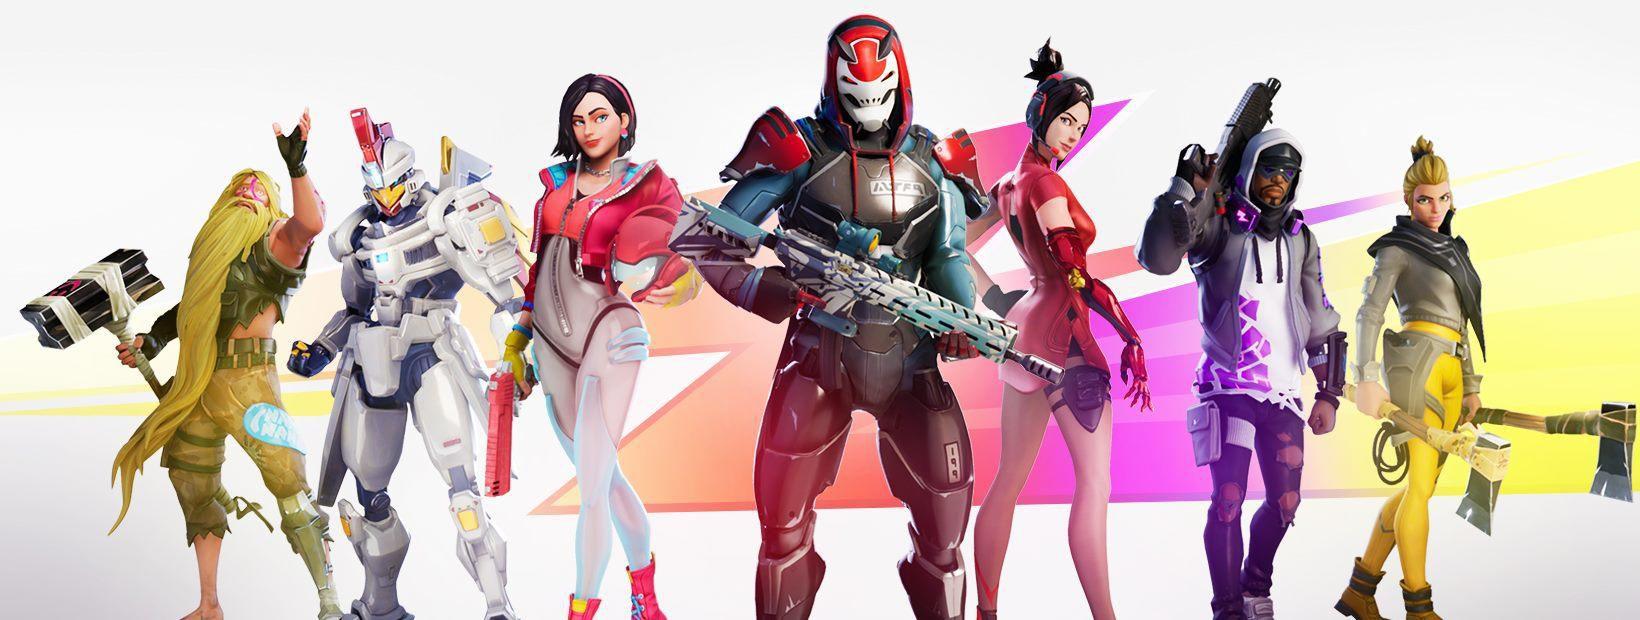 Fortnite season 9 teaser image